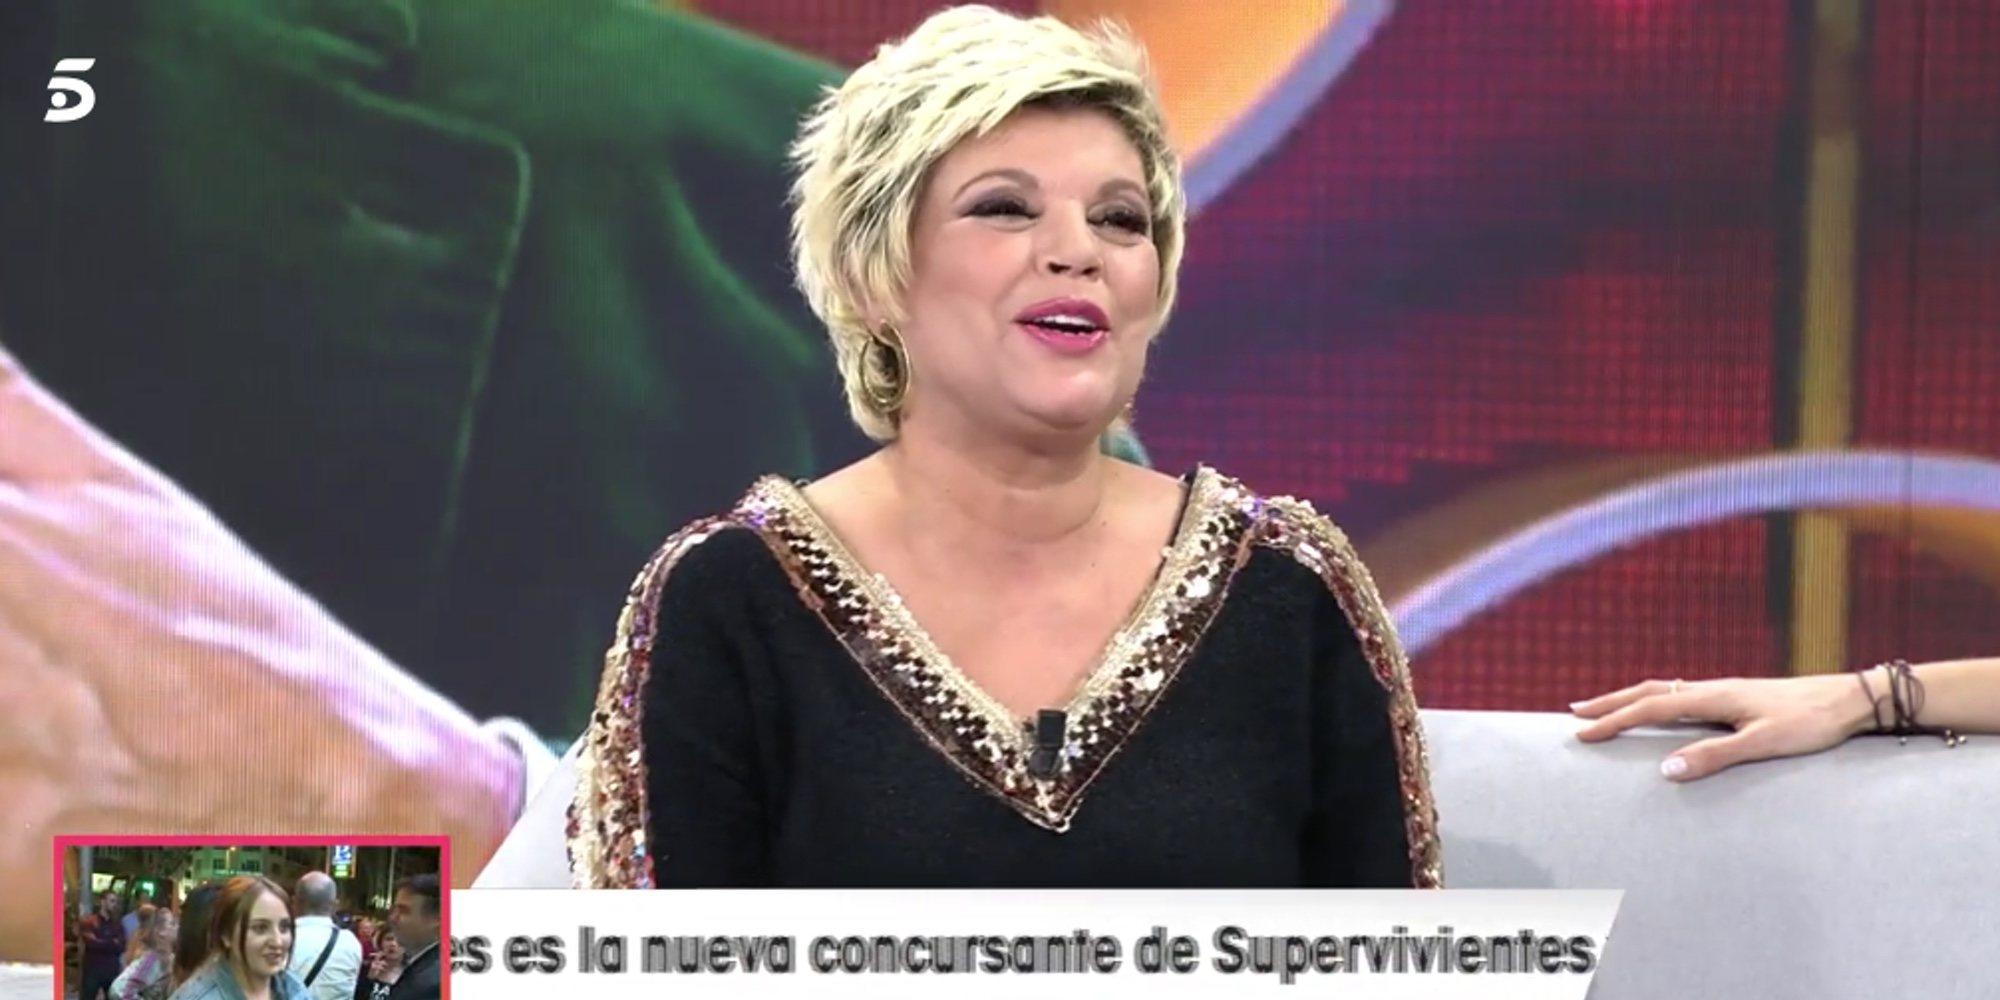 La reacción de Terelu Campos ante la pelea televisiva de su hija Alejandra Rubio con Kiko Matamoros